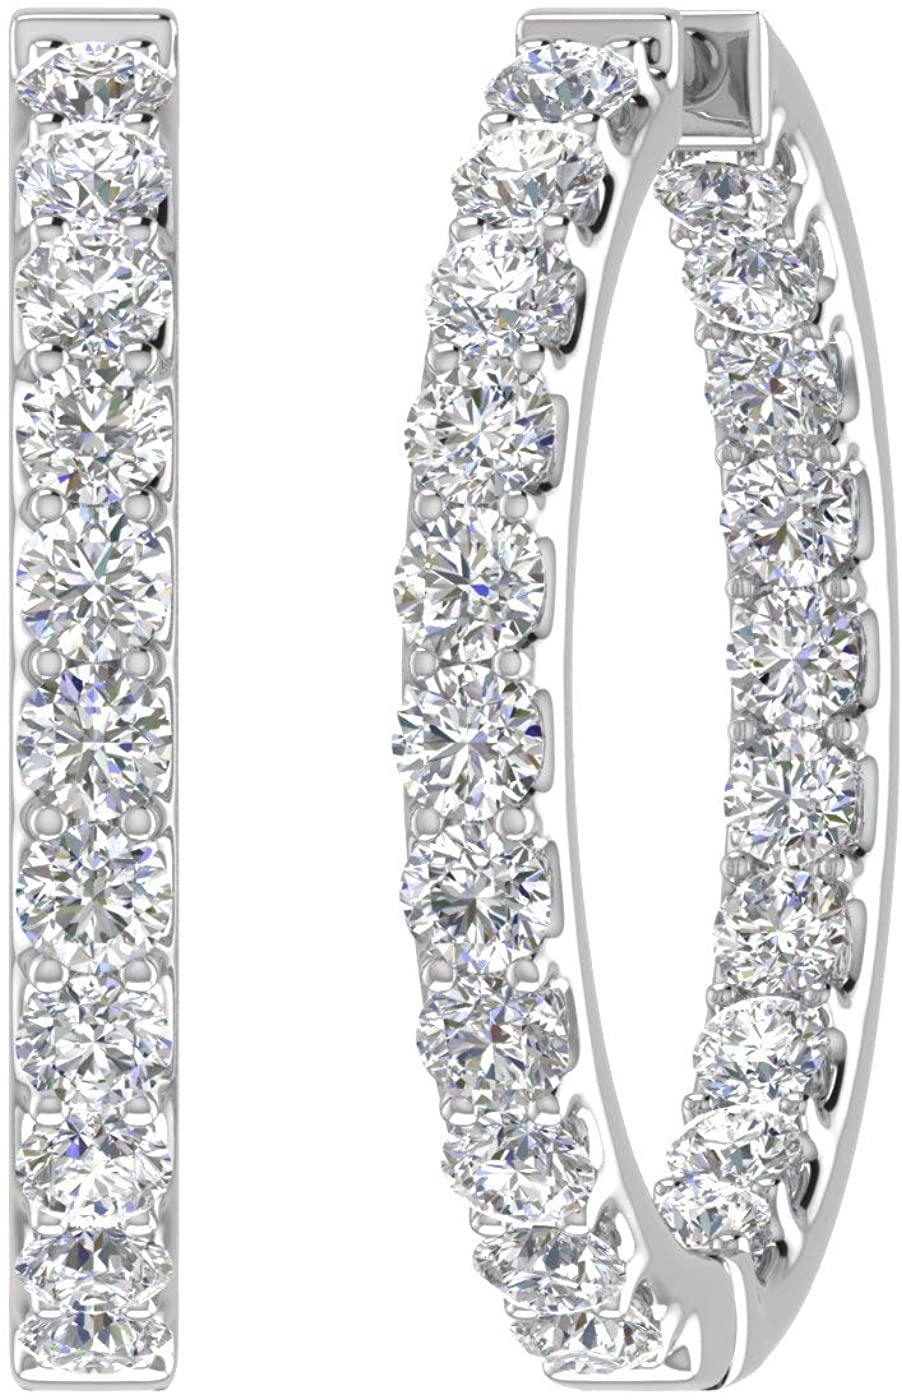 4 Carat (ctw) Inside Out Diamond Hoop Earrings in 14K Gold - IGI Certified